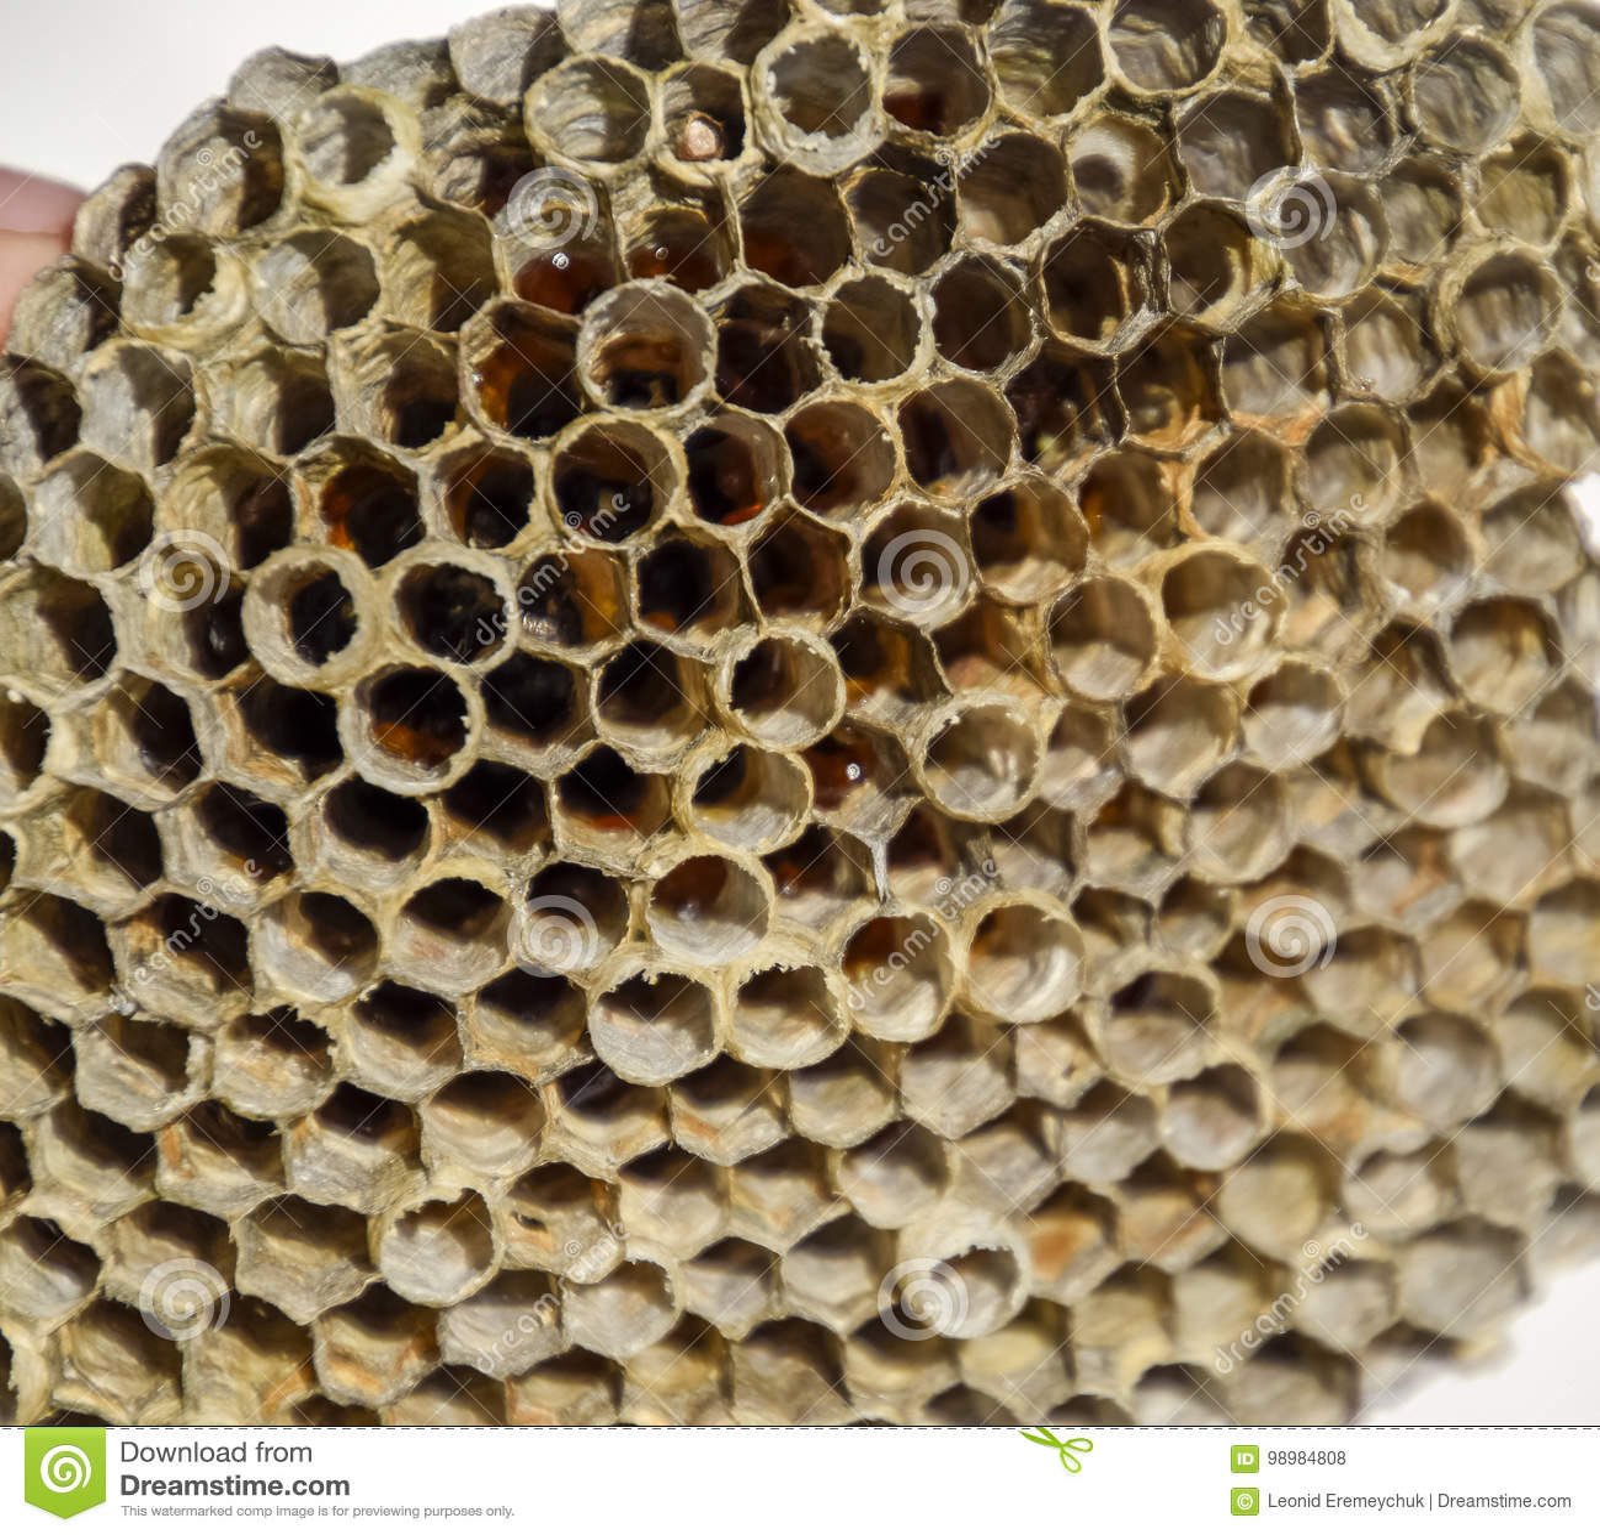 Het nest is esp, polist het espnest aan het eind van het het fokkenseizoen Voorraden van honing in honingraten Esphoning Vespa